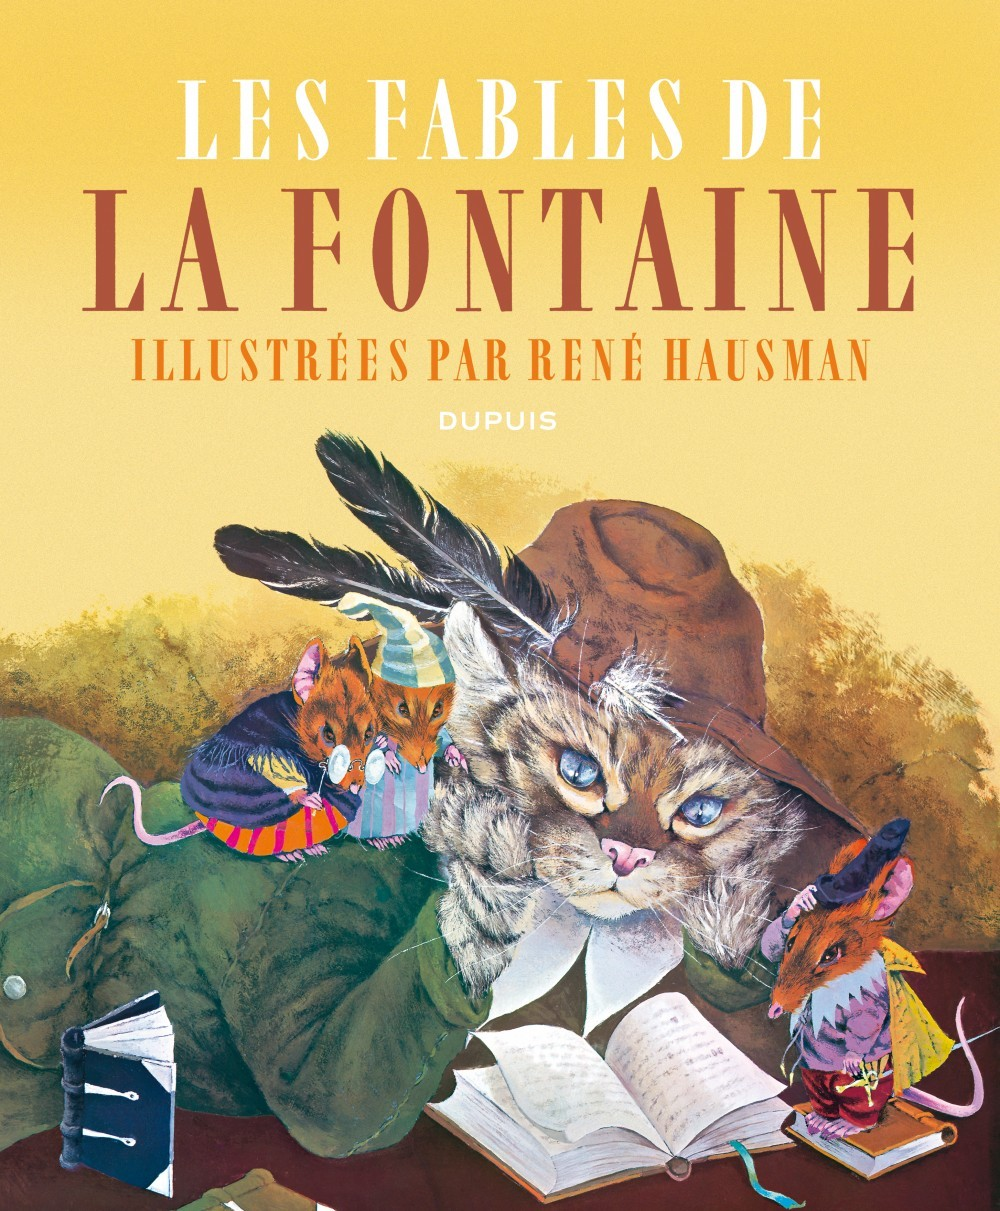 FABLES DE LA FONTAINE - LUXE - T1 - FABLES DE LA FONTAINE (LES) (VERSION LUXE)